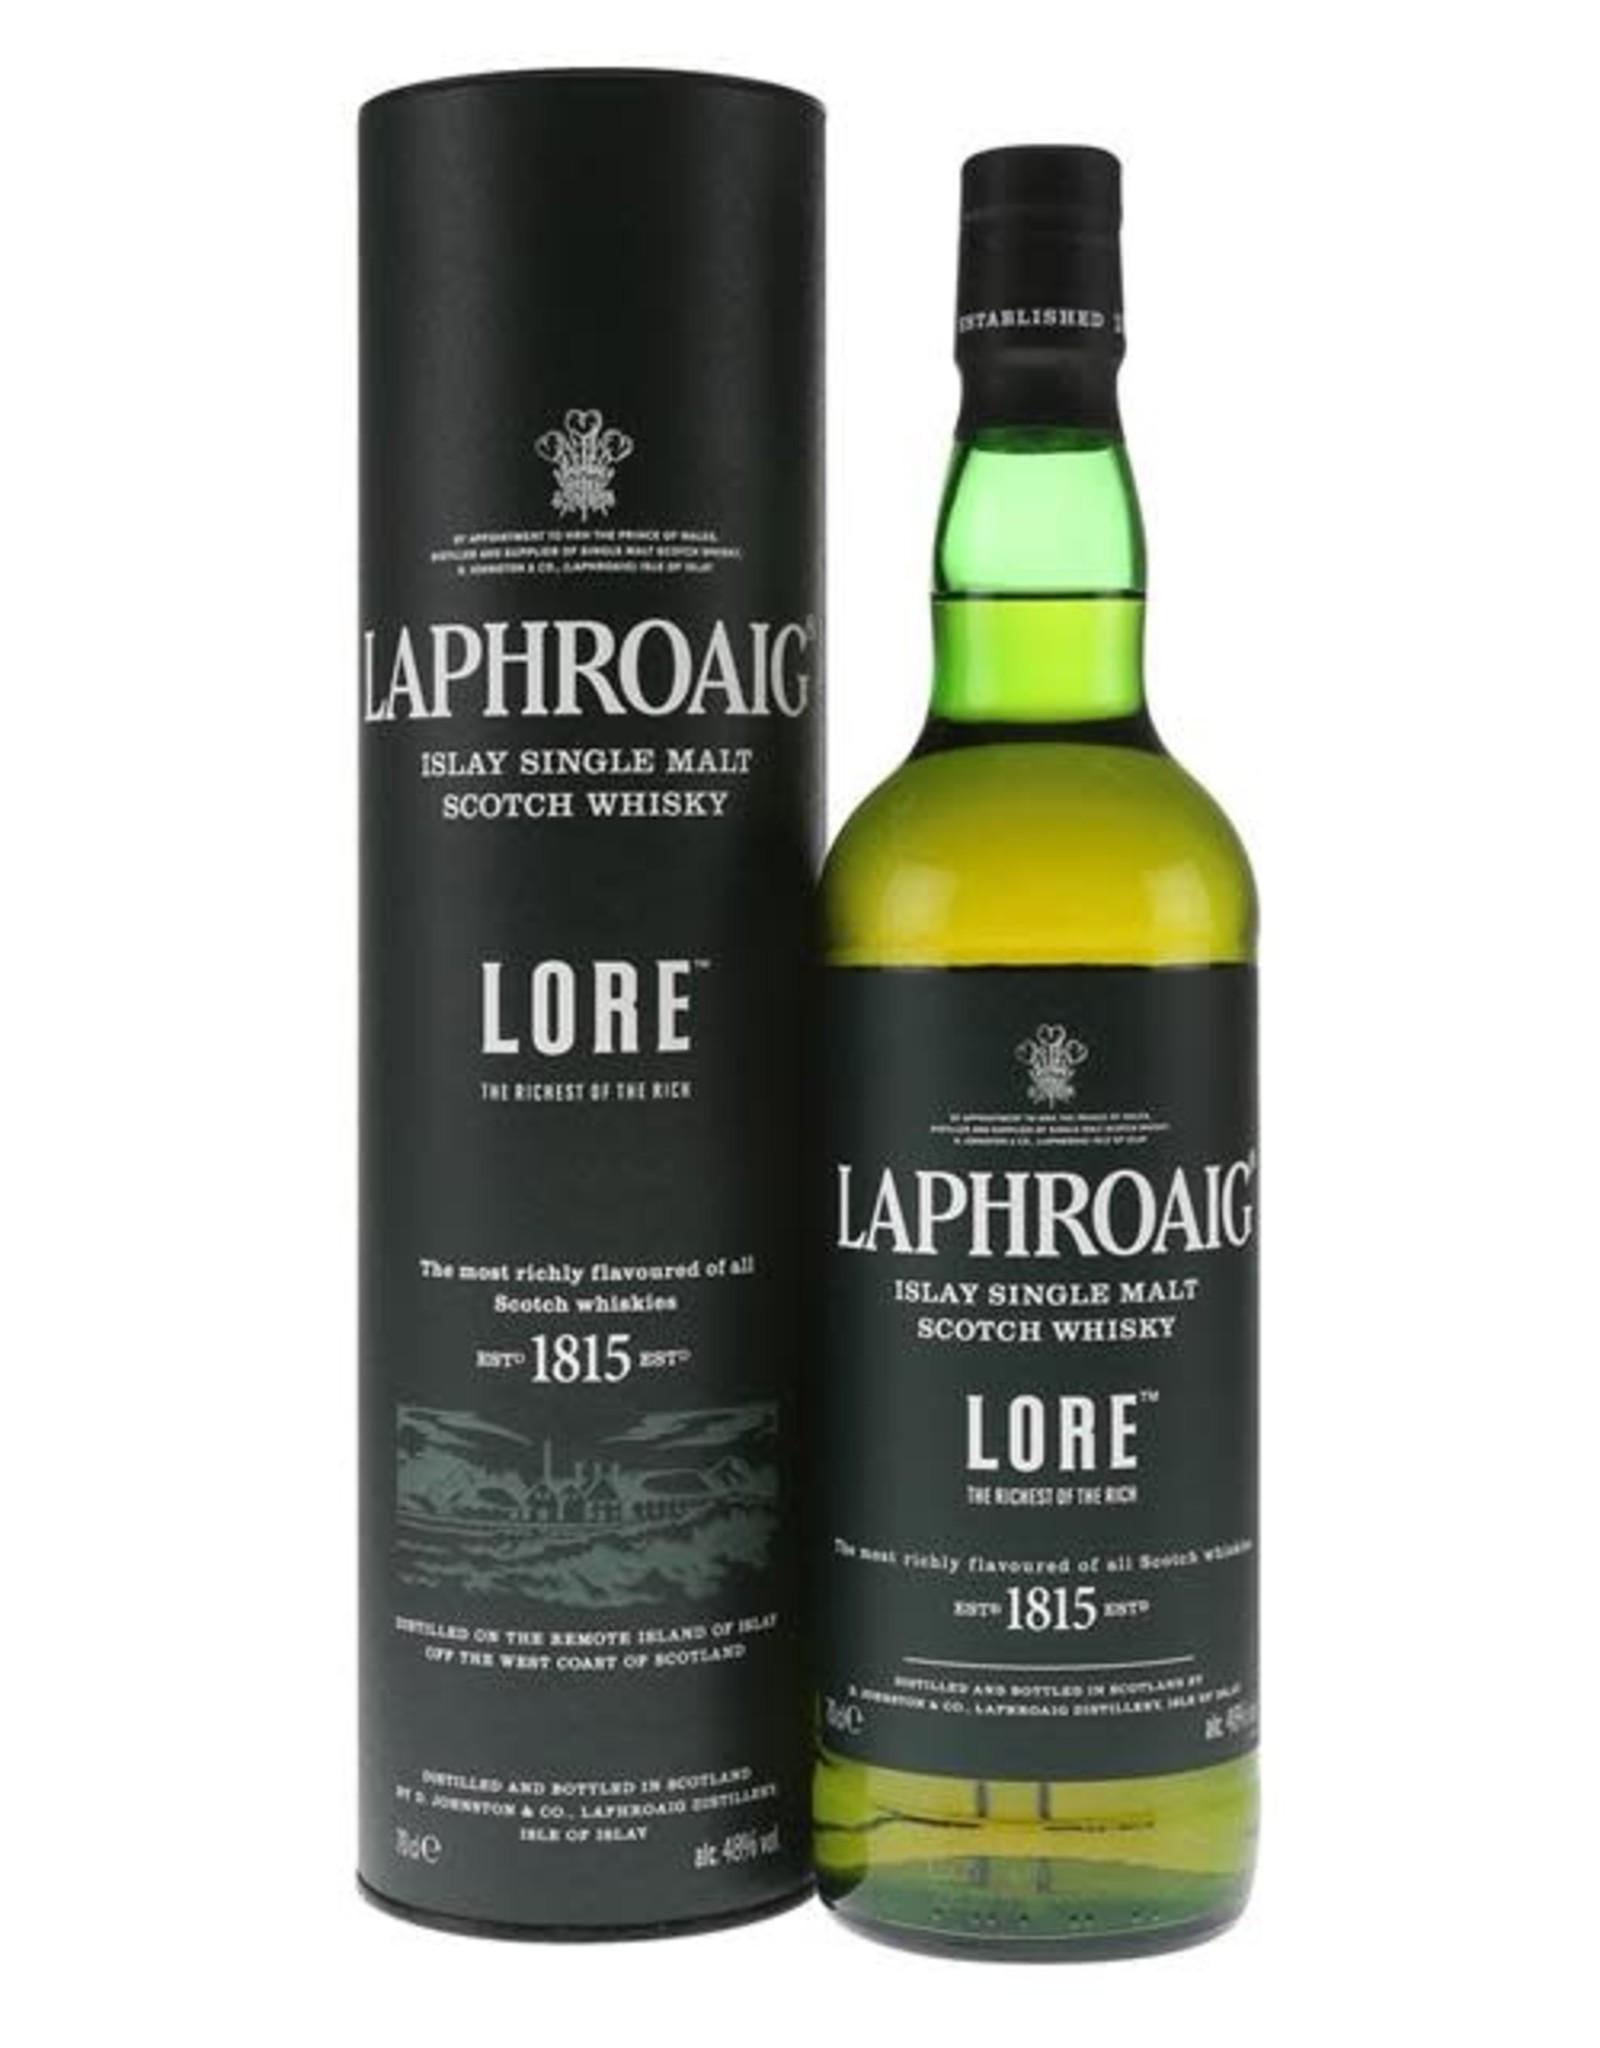 LAPHROAIG LORE 750ML